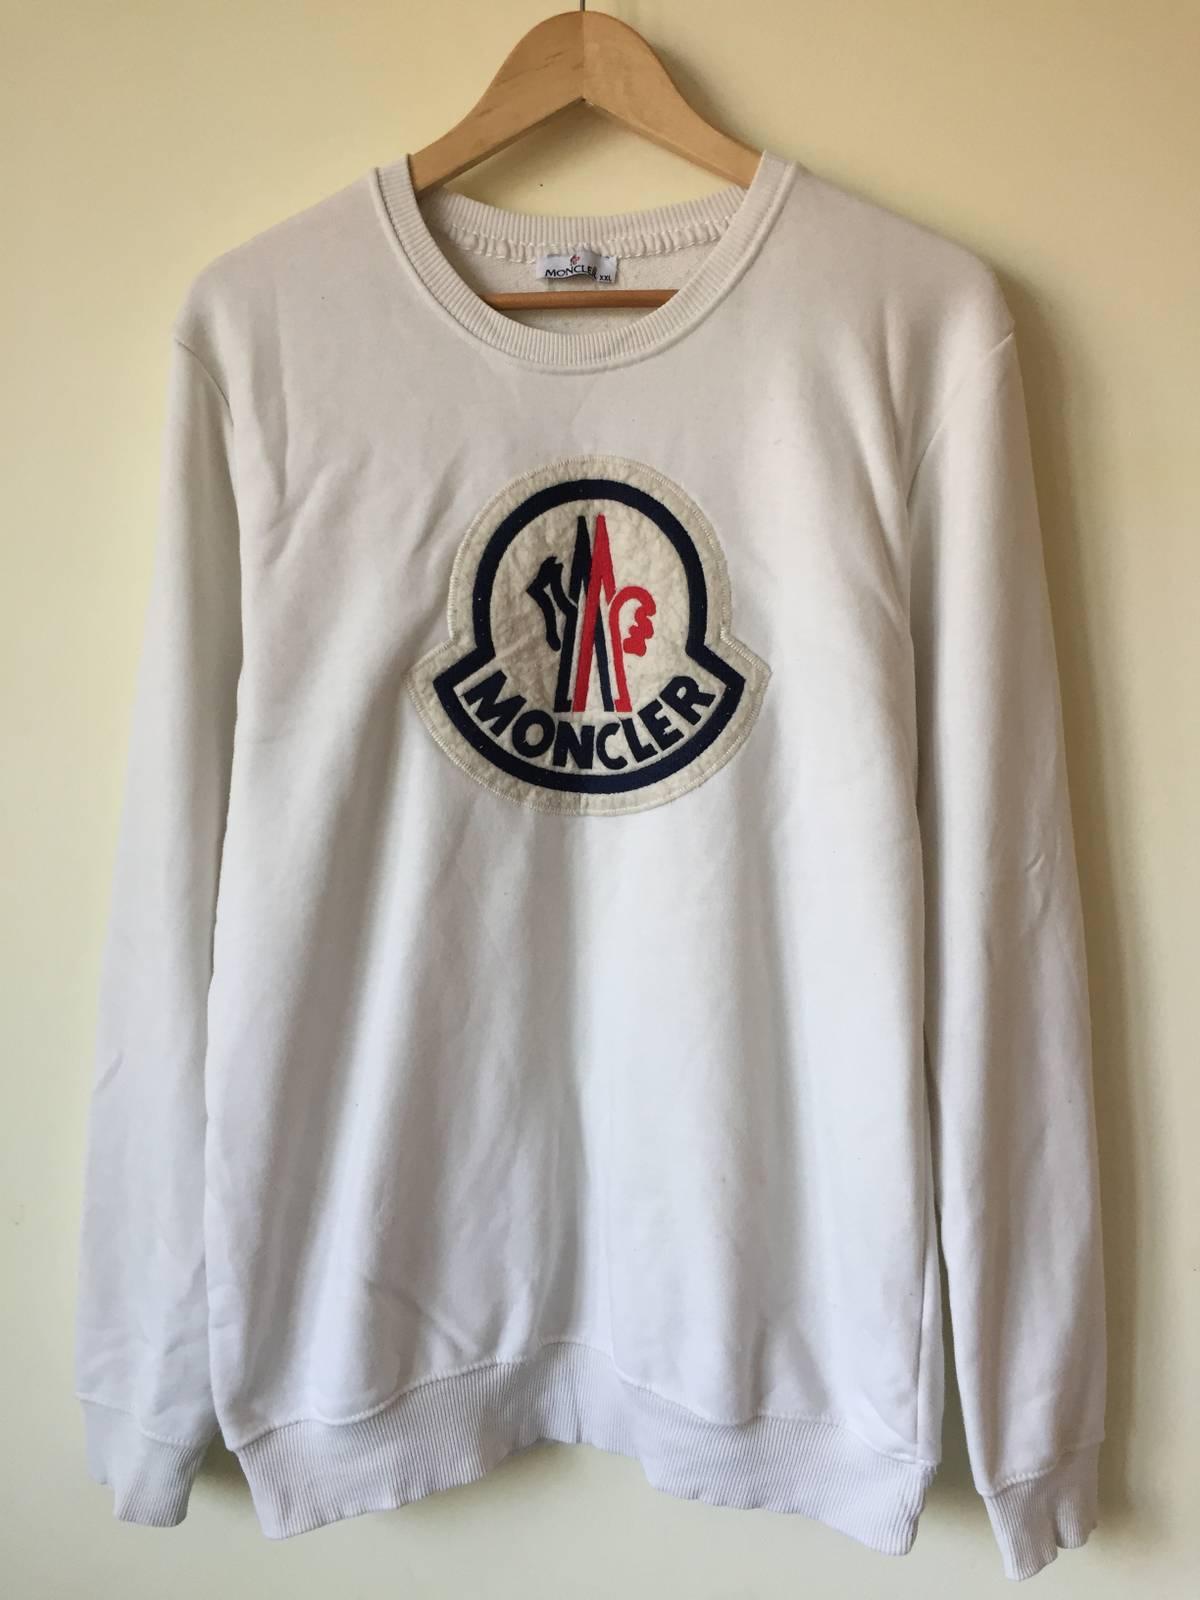 Wunderbar Burberry Tuch Foto Von Moncler Big Logo White Sweatshirt Size Xl